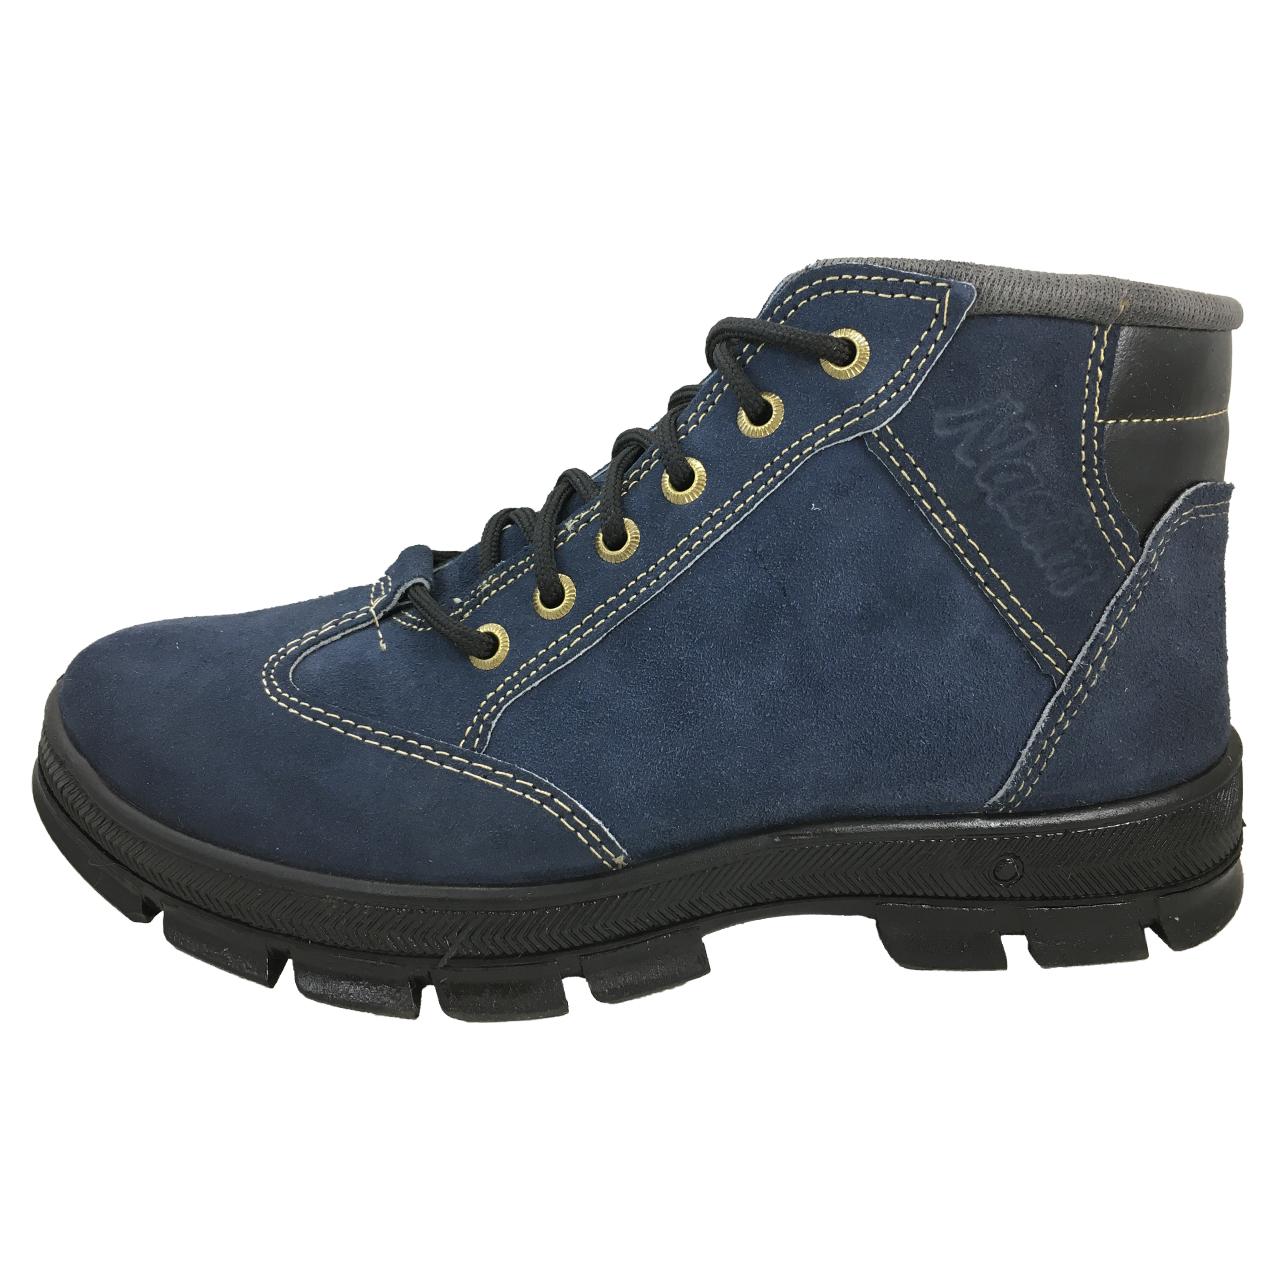 کفش کوهنوردی مردانه نسیم مدل بارسلون کد 2473